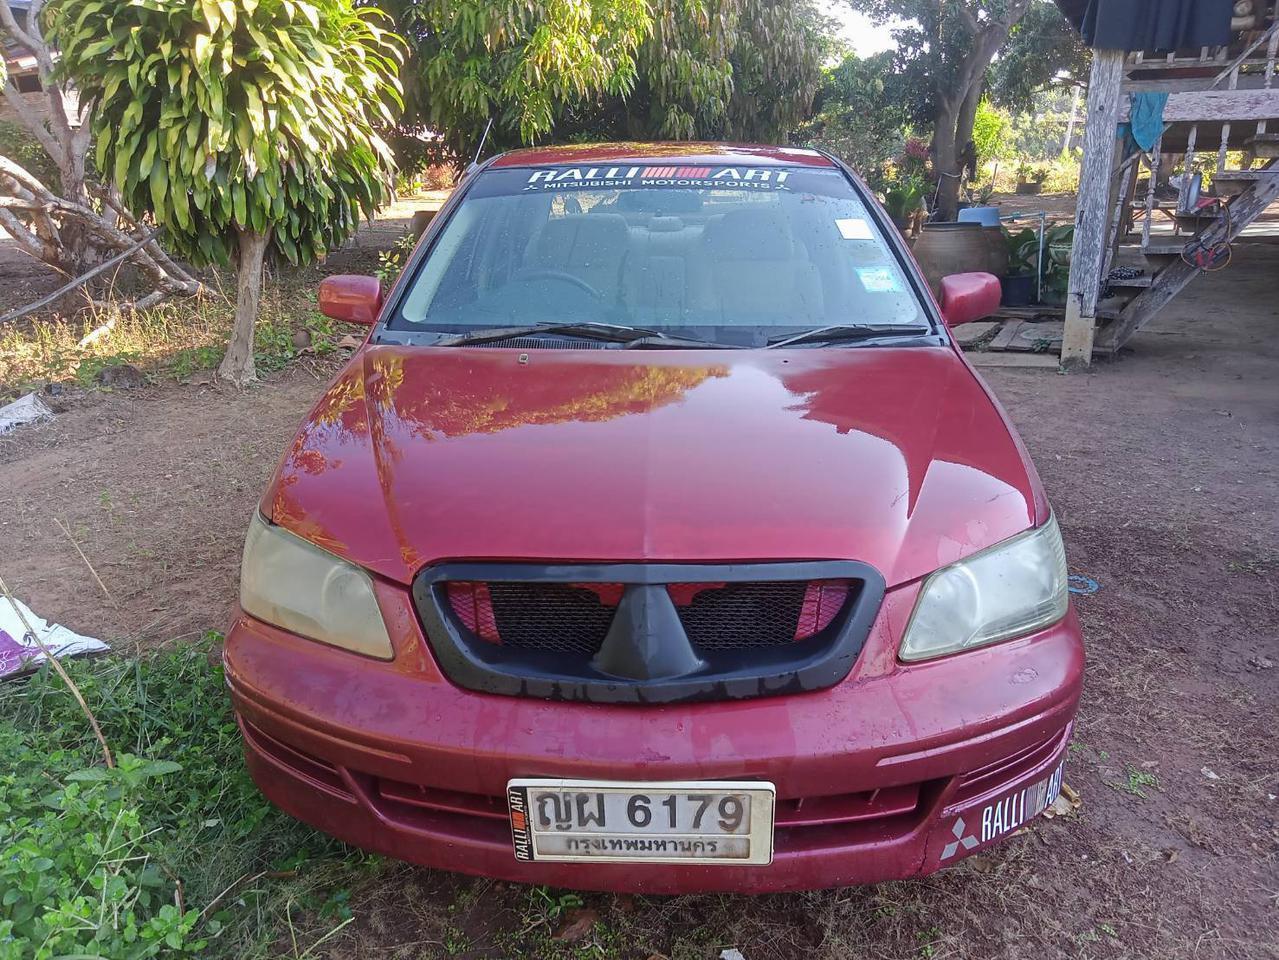 ขออนุญาต admin ขาย Mitsubishi cedia ปี 2003 1.6 auto พร้อมใช้ รถวิ่งดีมาก ระบบไฟฟ้าครบ รูปที่ 3